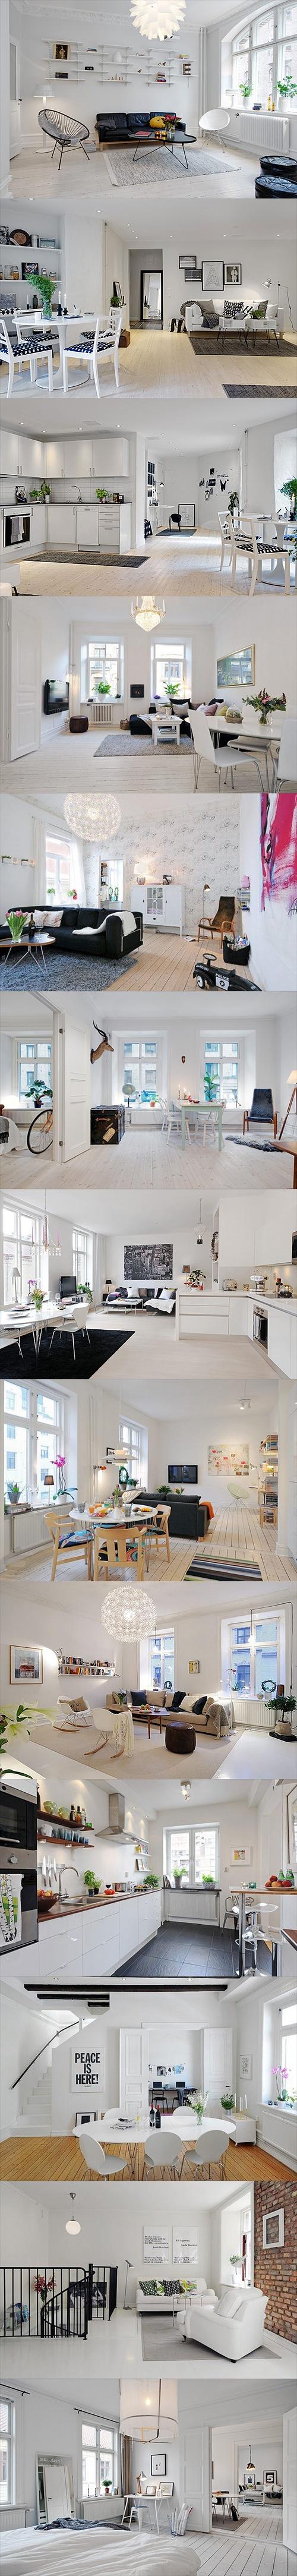 Fotos de apartamentos pequenos decorados 2